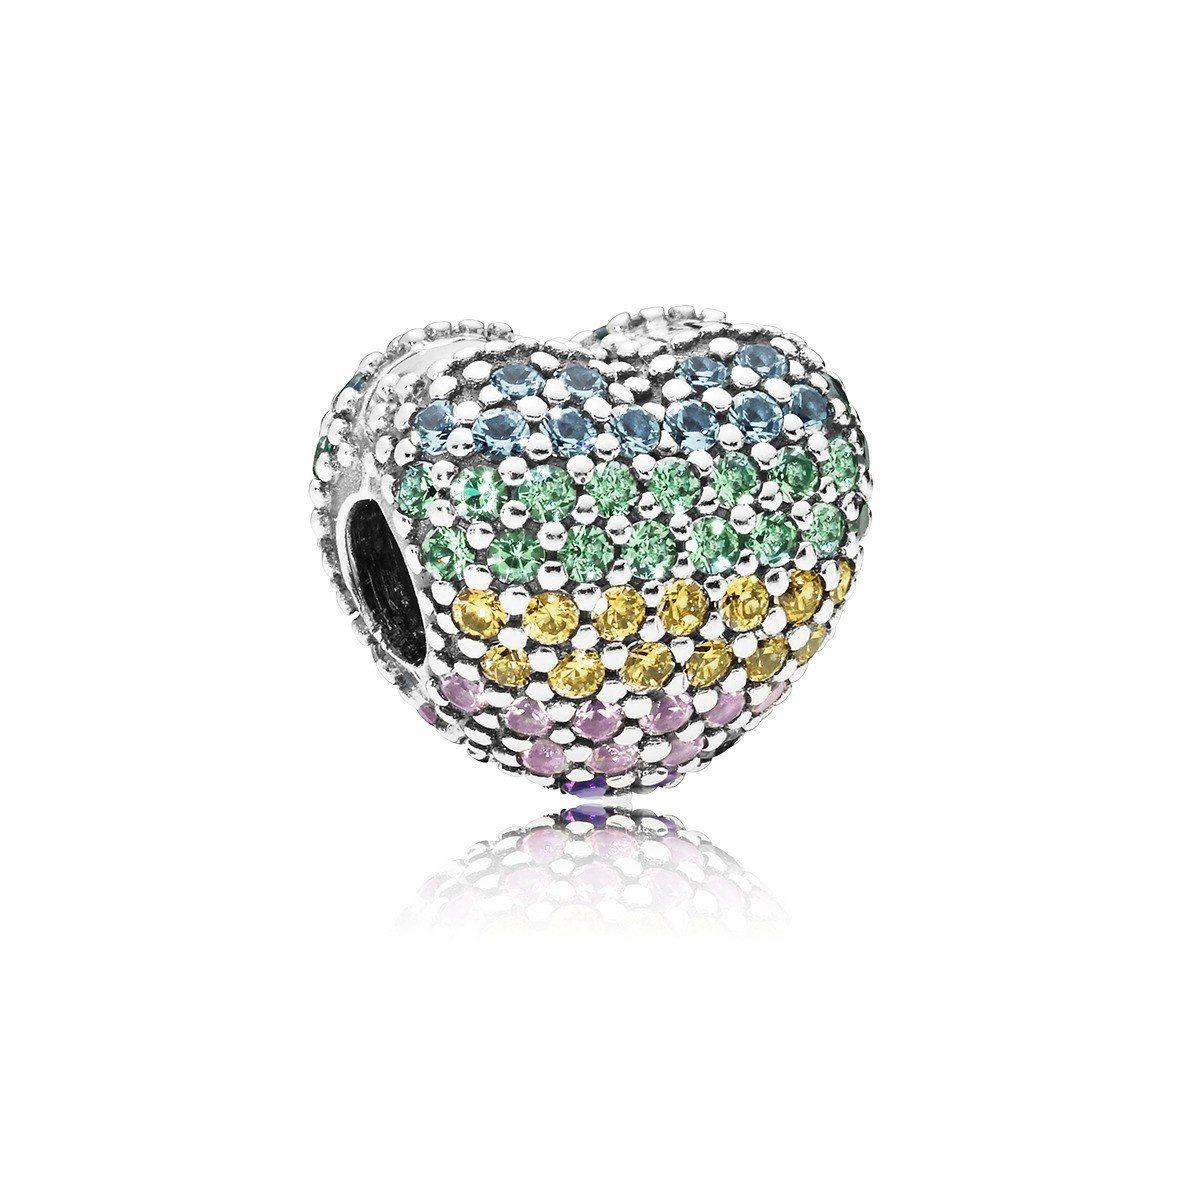 PANDORA 彩虹愛心鋯石固定釦,2,980元。圖/PANDORA提供